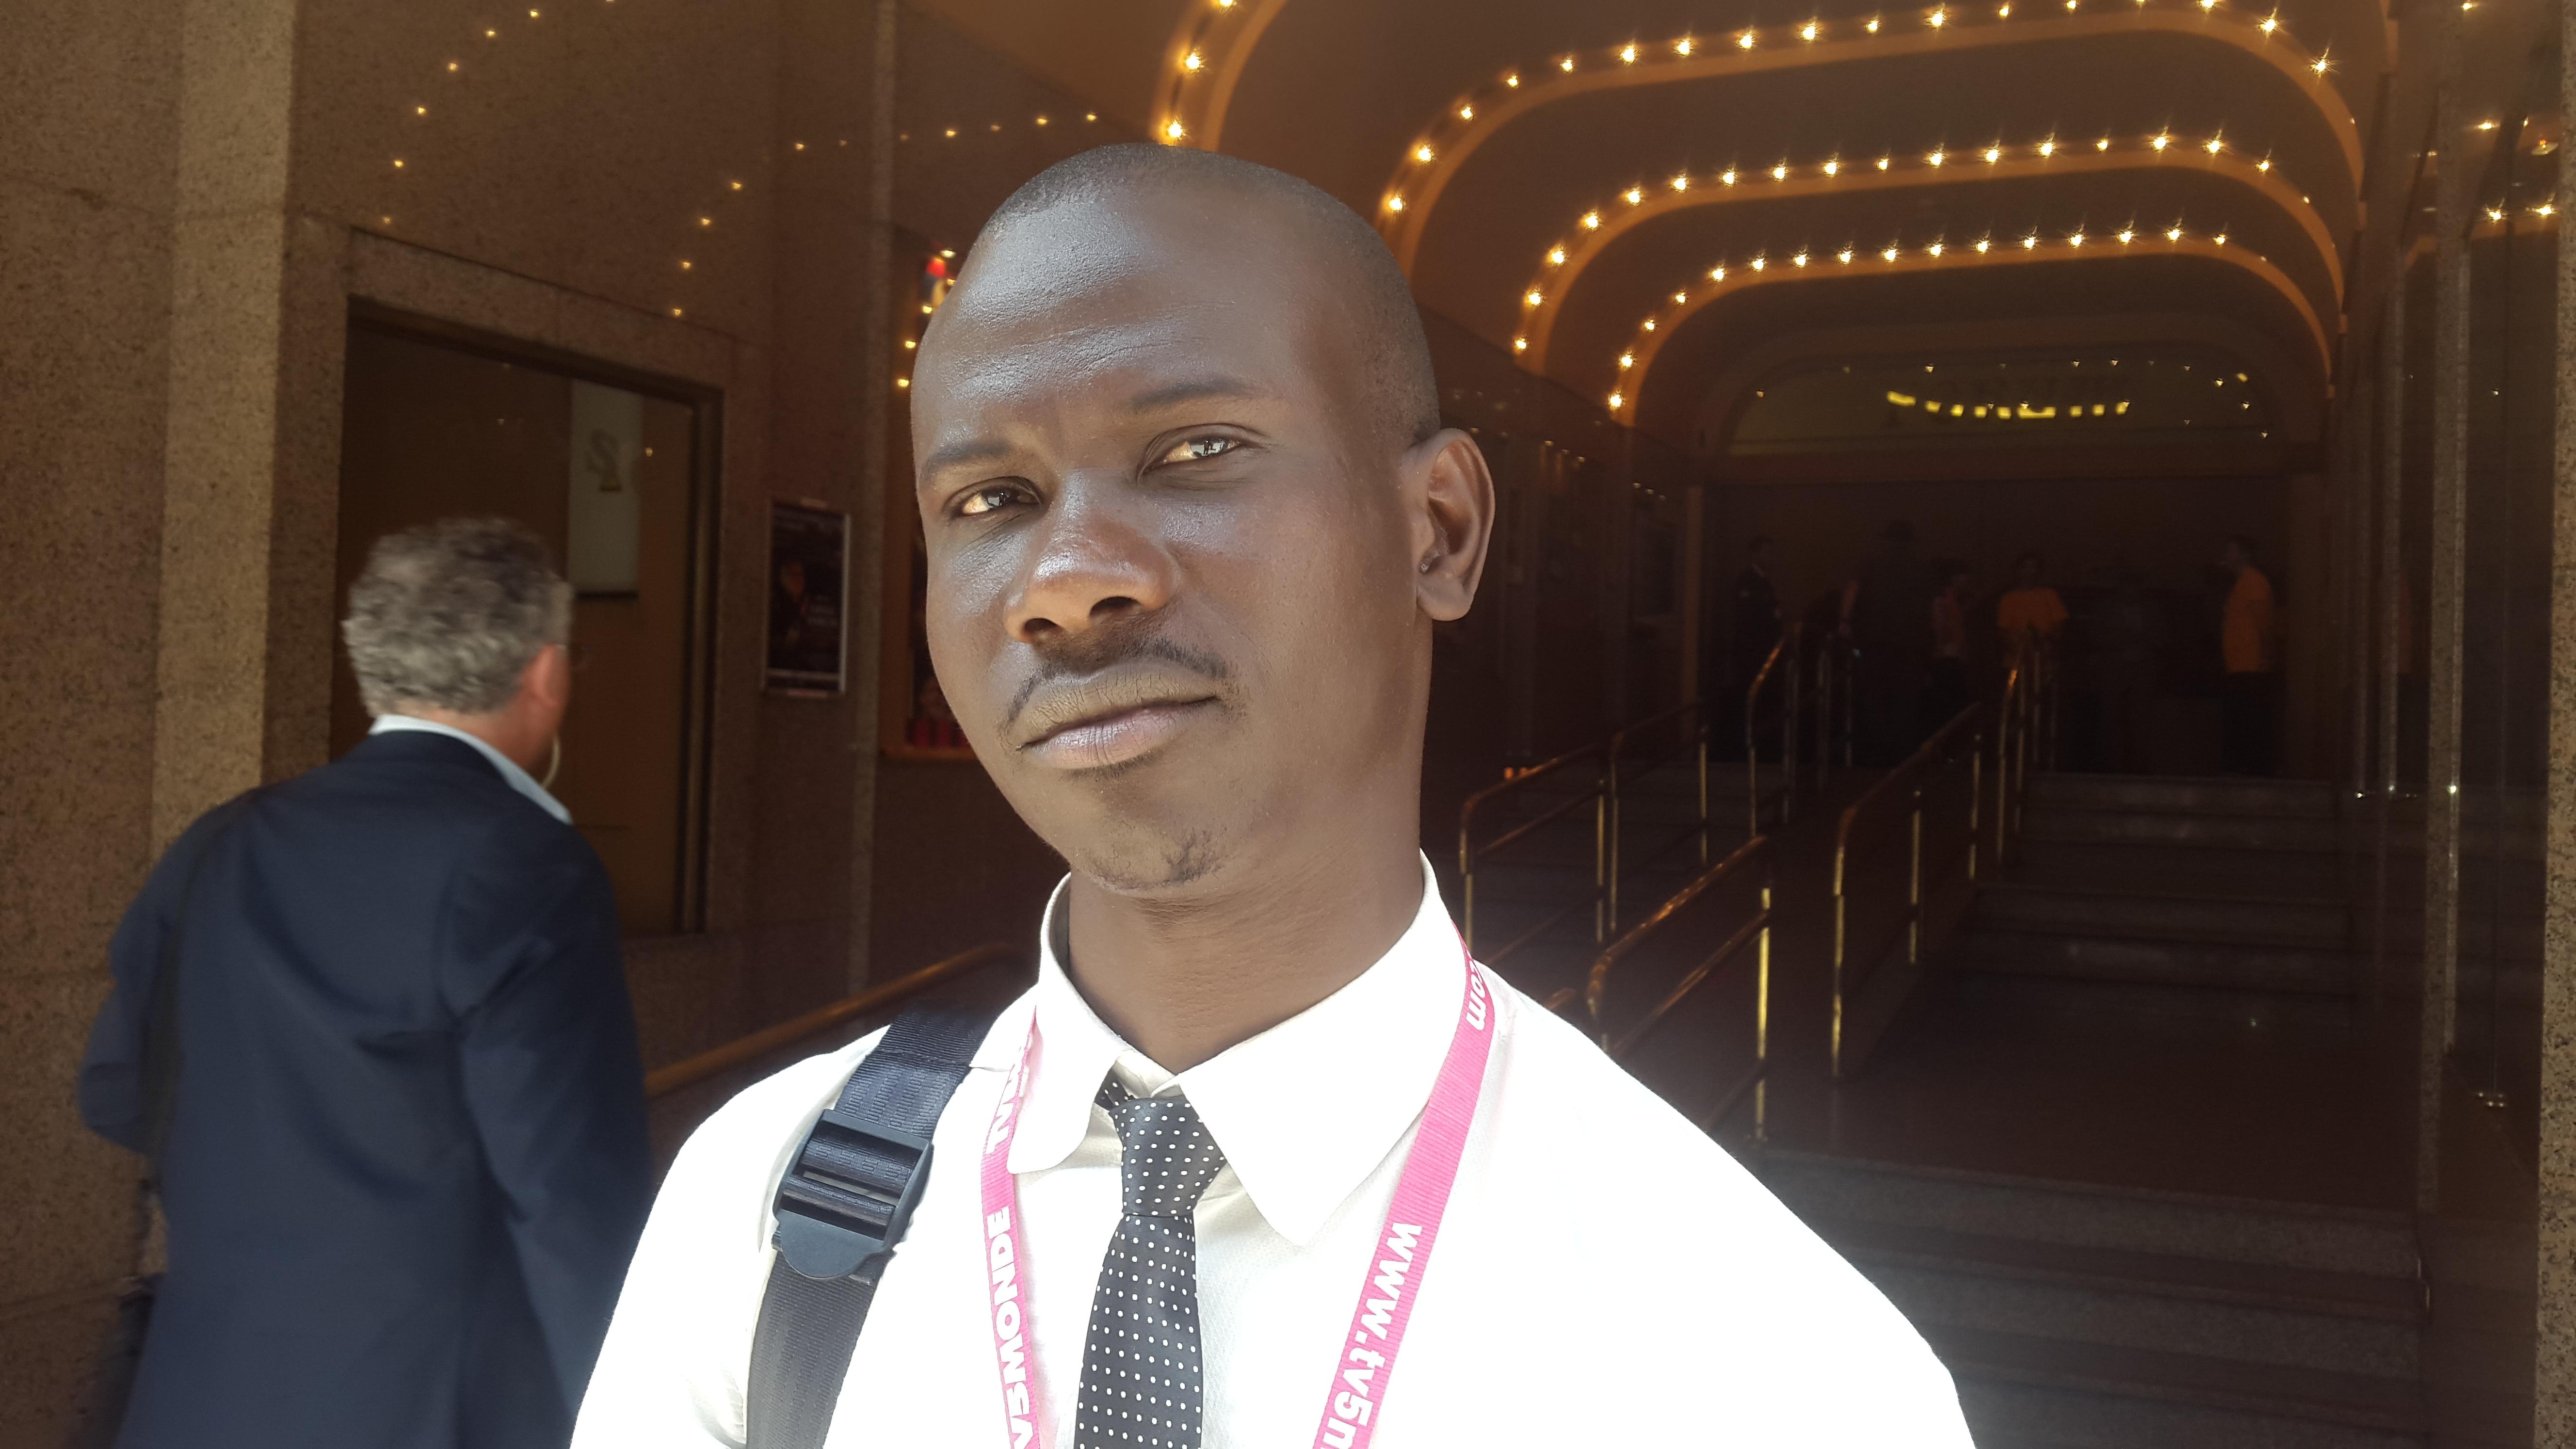 """Ibrahima Mbar FAYE, Rappeur, Slameur promoteur du projet """"Litté-rap-pure"""" présenté à Liège au #FMLF2015"""